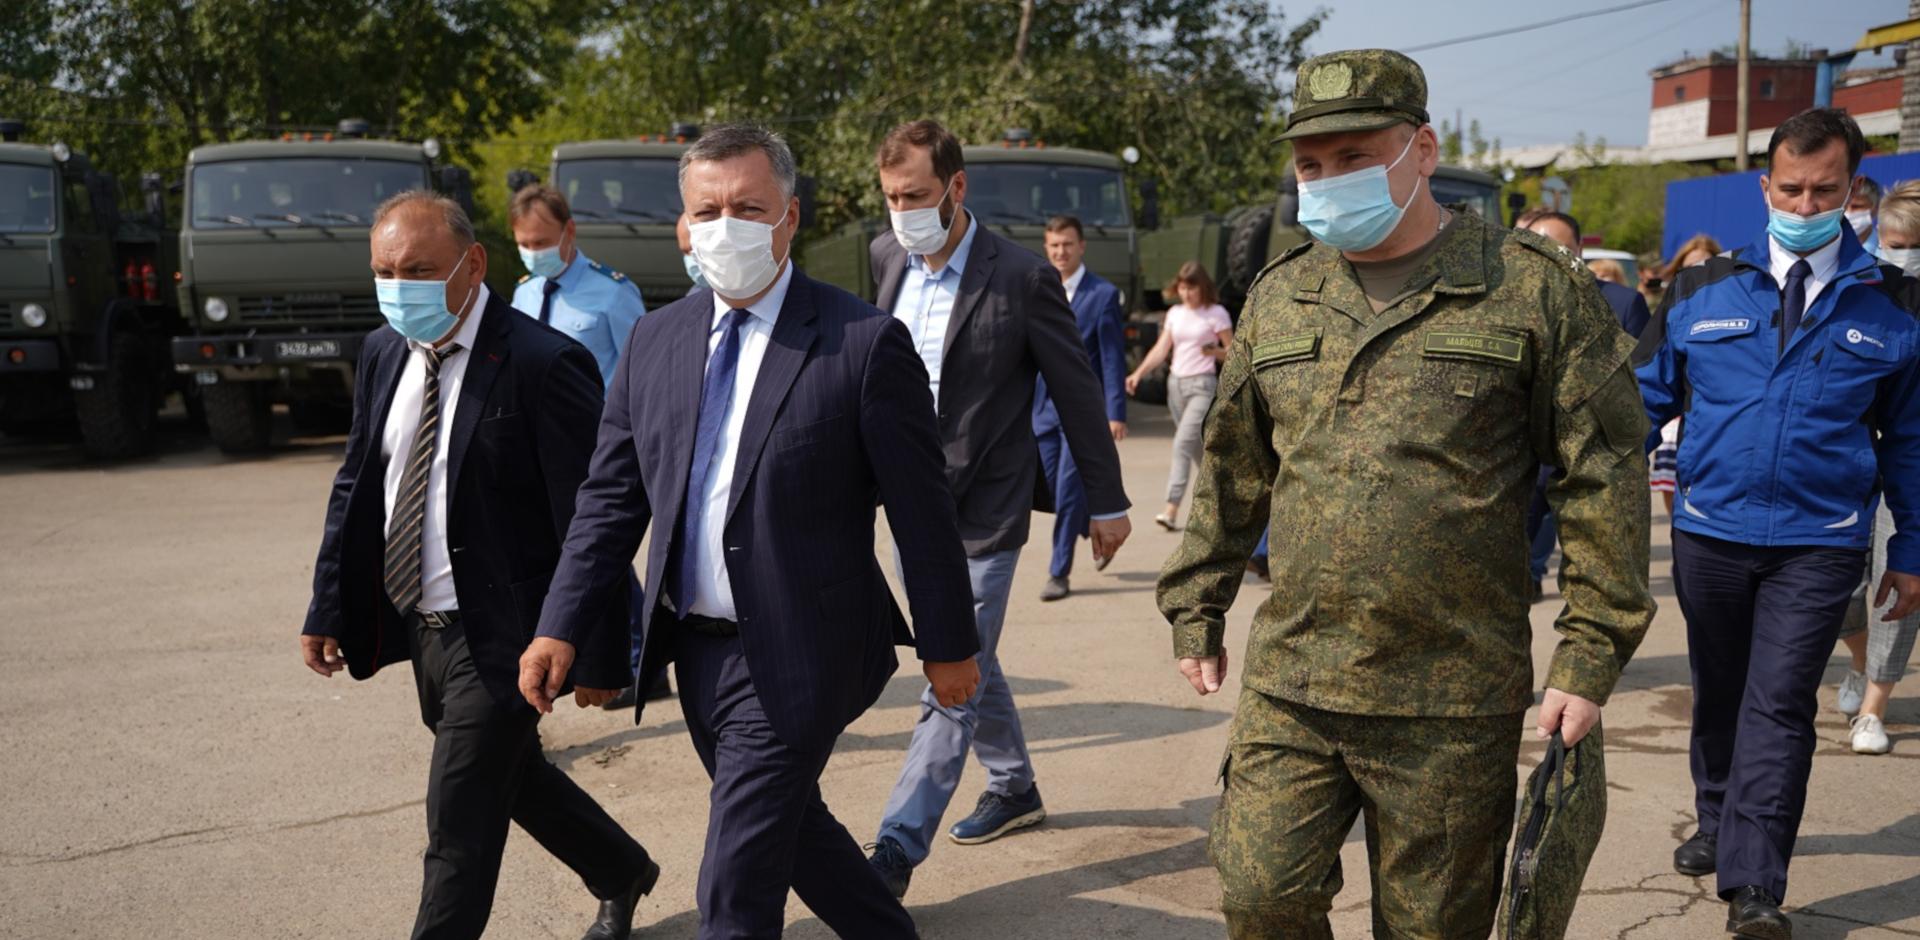 Игорь Кобзев провел первое заседание единого штаба по решению вопросов по ликвидации накопленного вреда окружающей среде в результате деятельности химических предприятий «Усольехимпром»